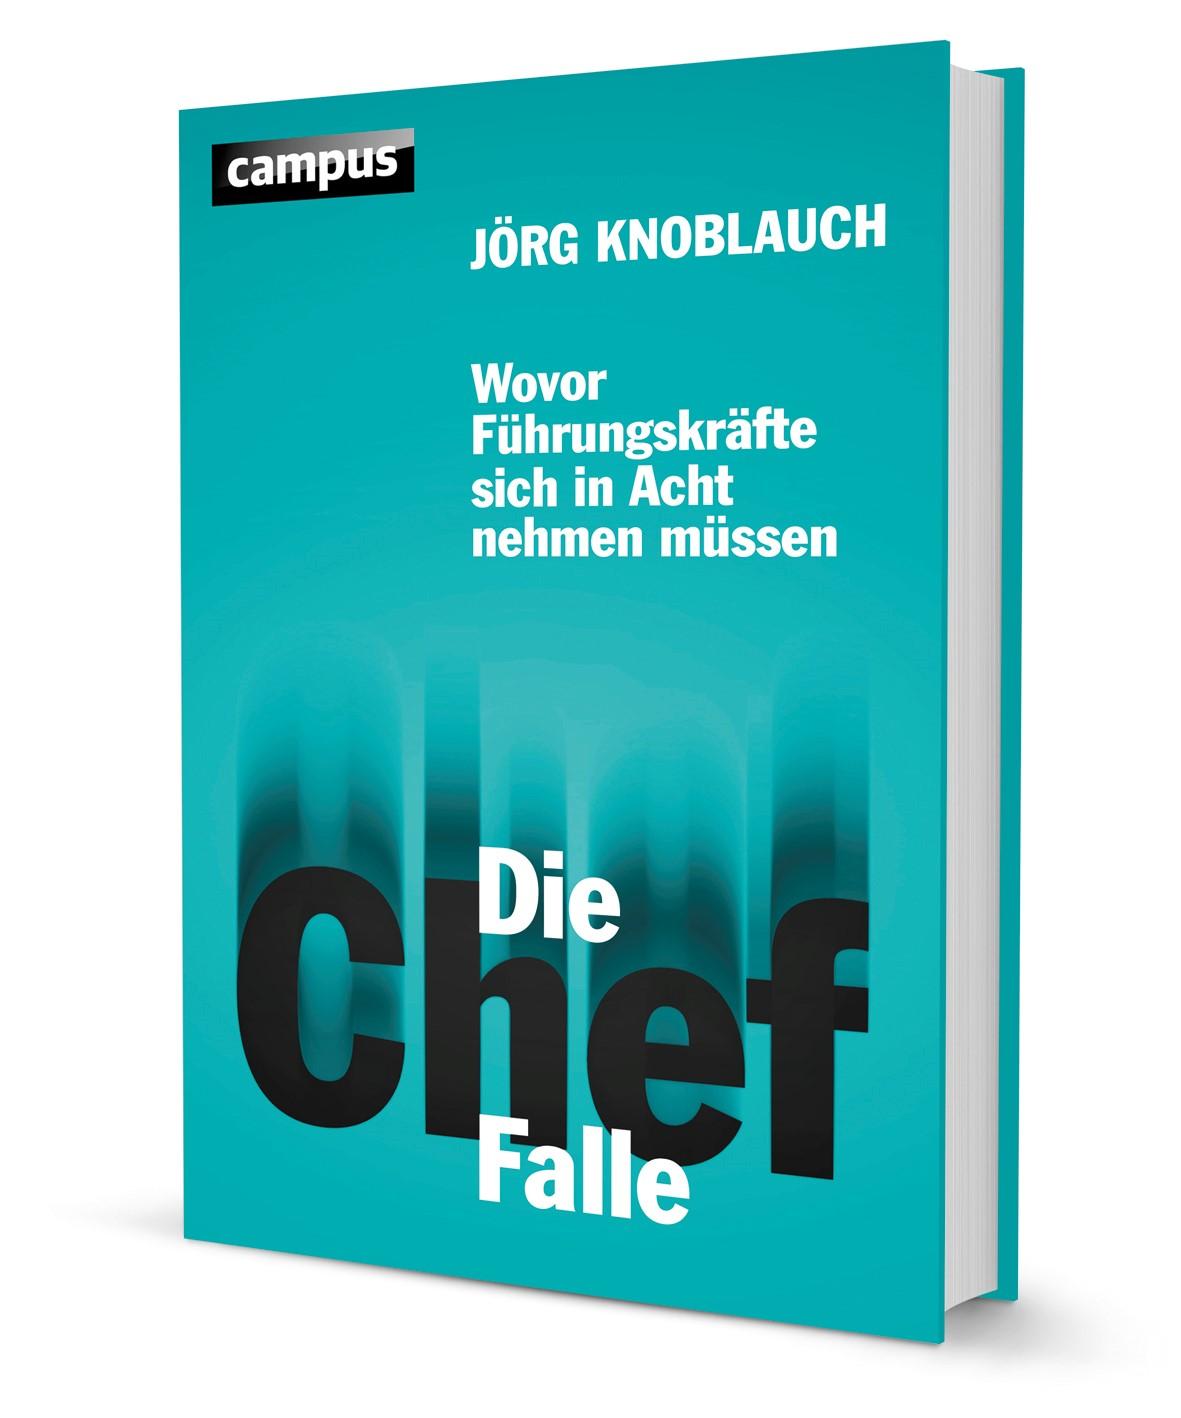 cheffalle_3d